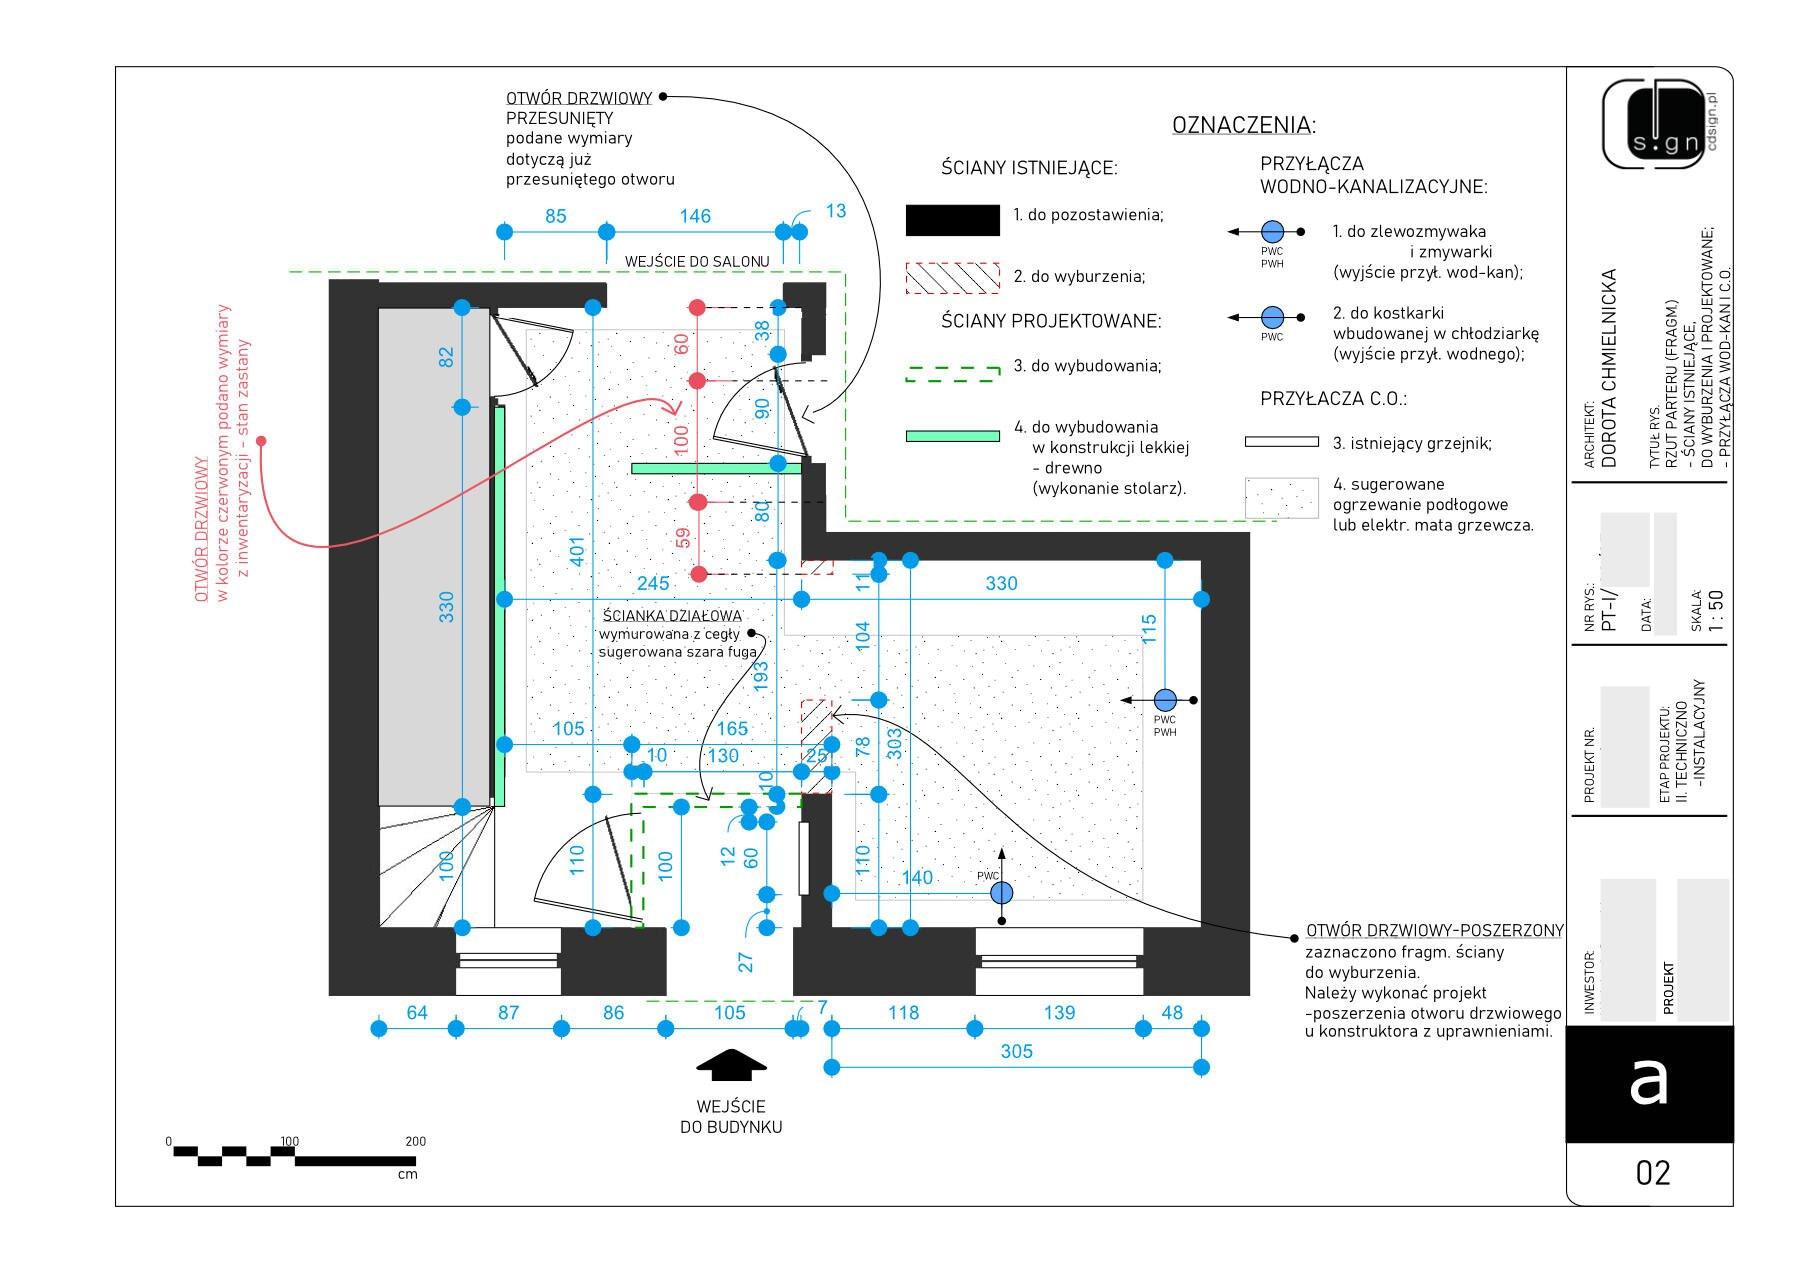 Projekt rozmieszczenia ścianek działowych i wyjść instalacji wodno-kanalizacyjnej.